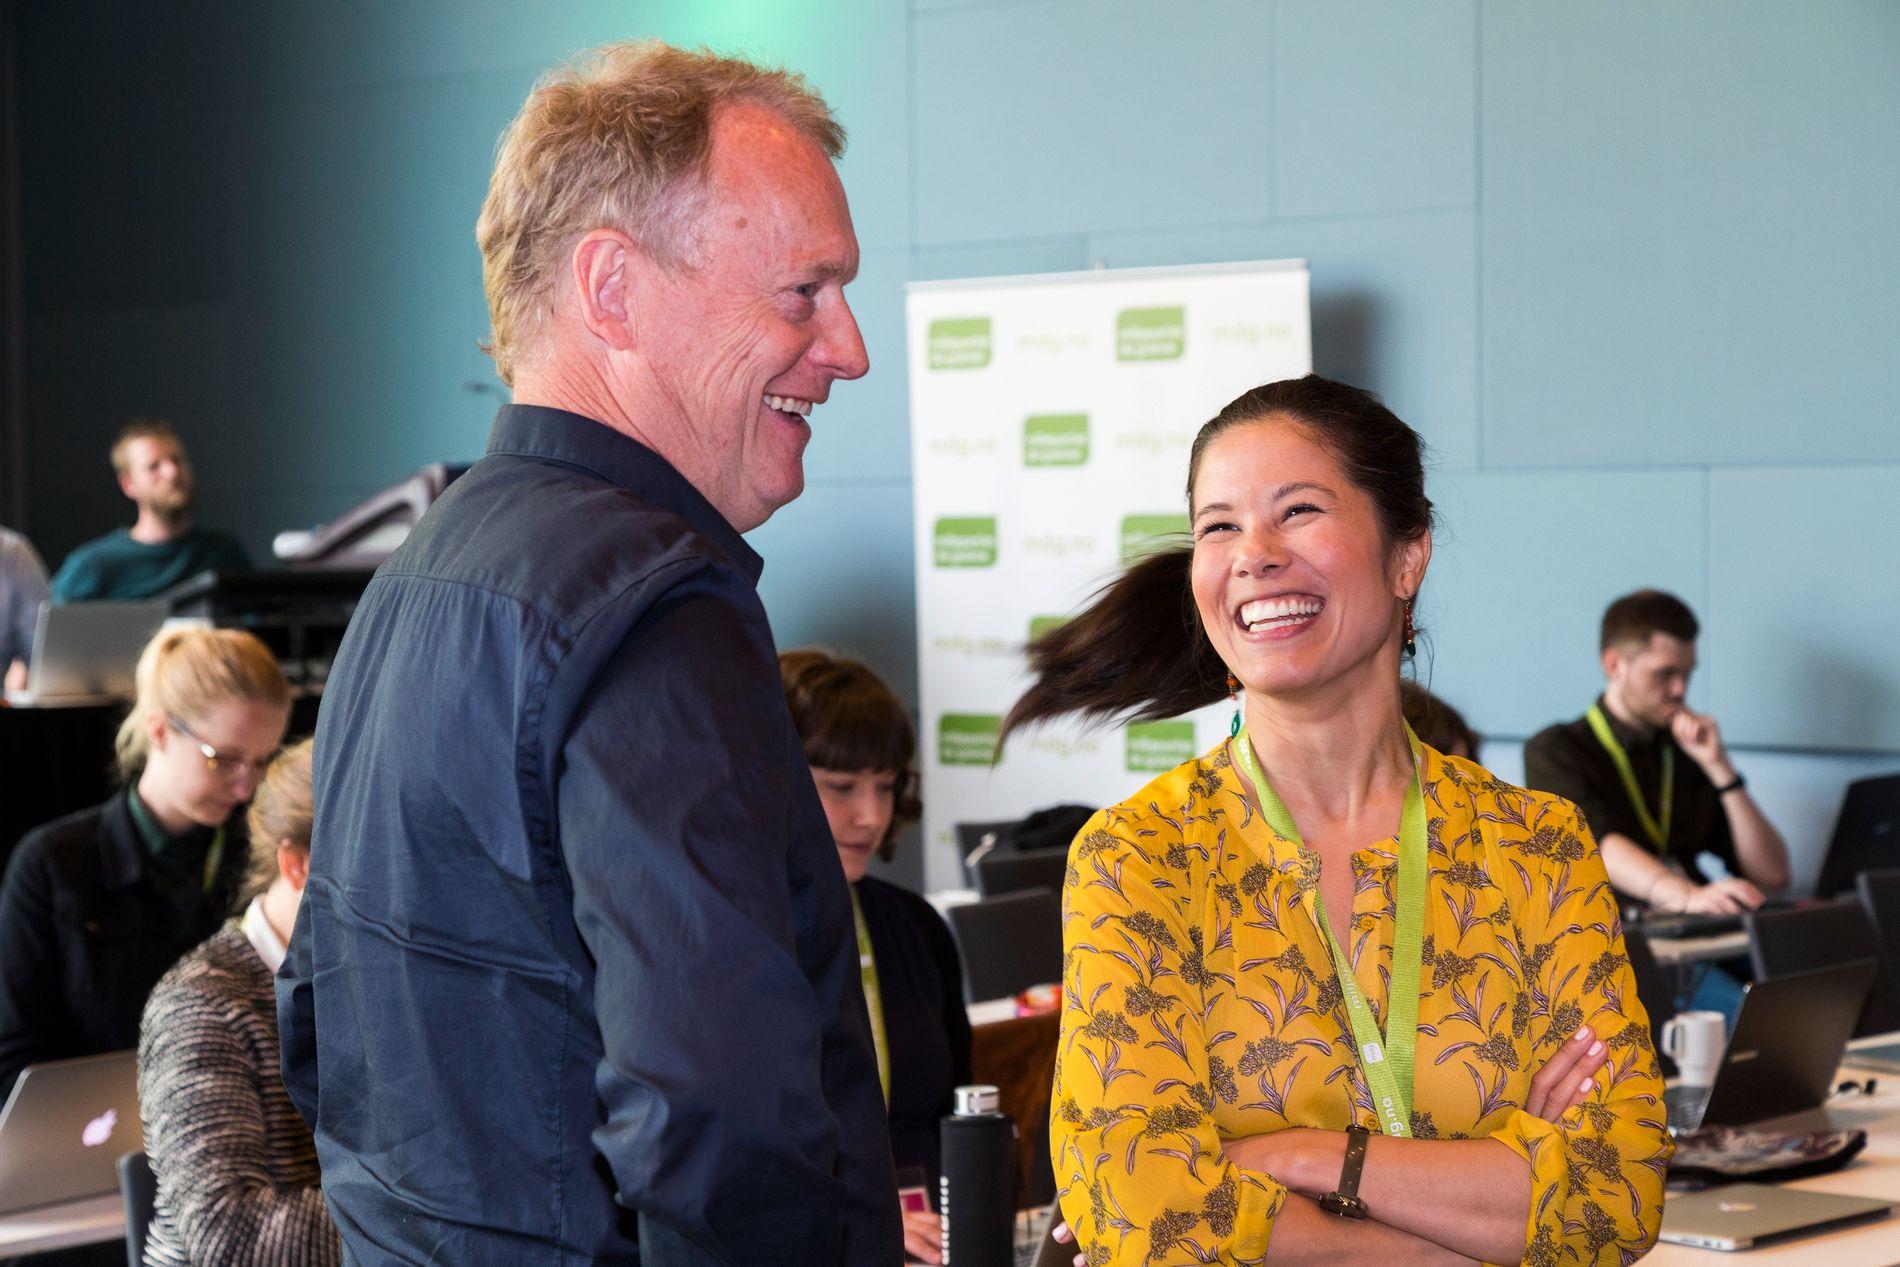 GOD KJEMI: Byrådsleder Raymond Johansen (Ap) og samferdselsbyråd Lan Marie Nguyen Berg (MDG) har vært Oslobyrådets fremste talspersoner i bompengedebatten.